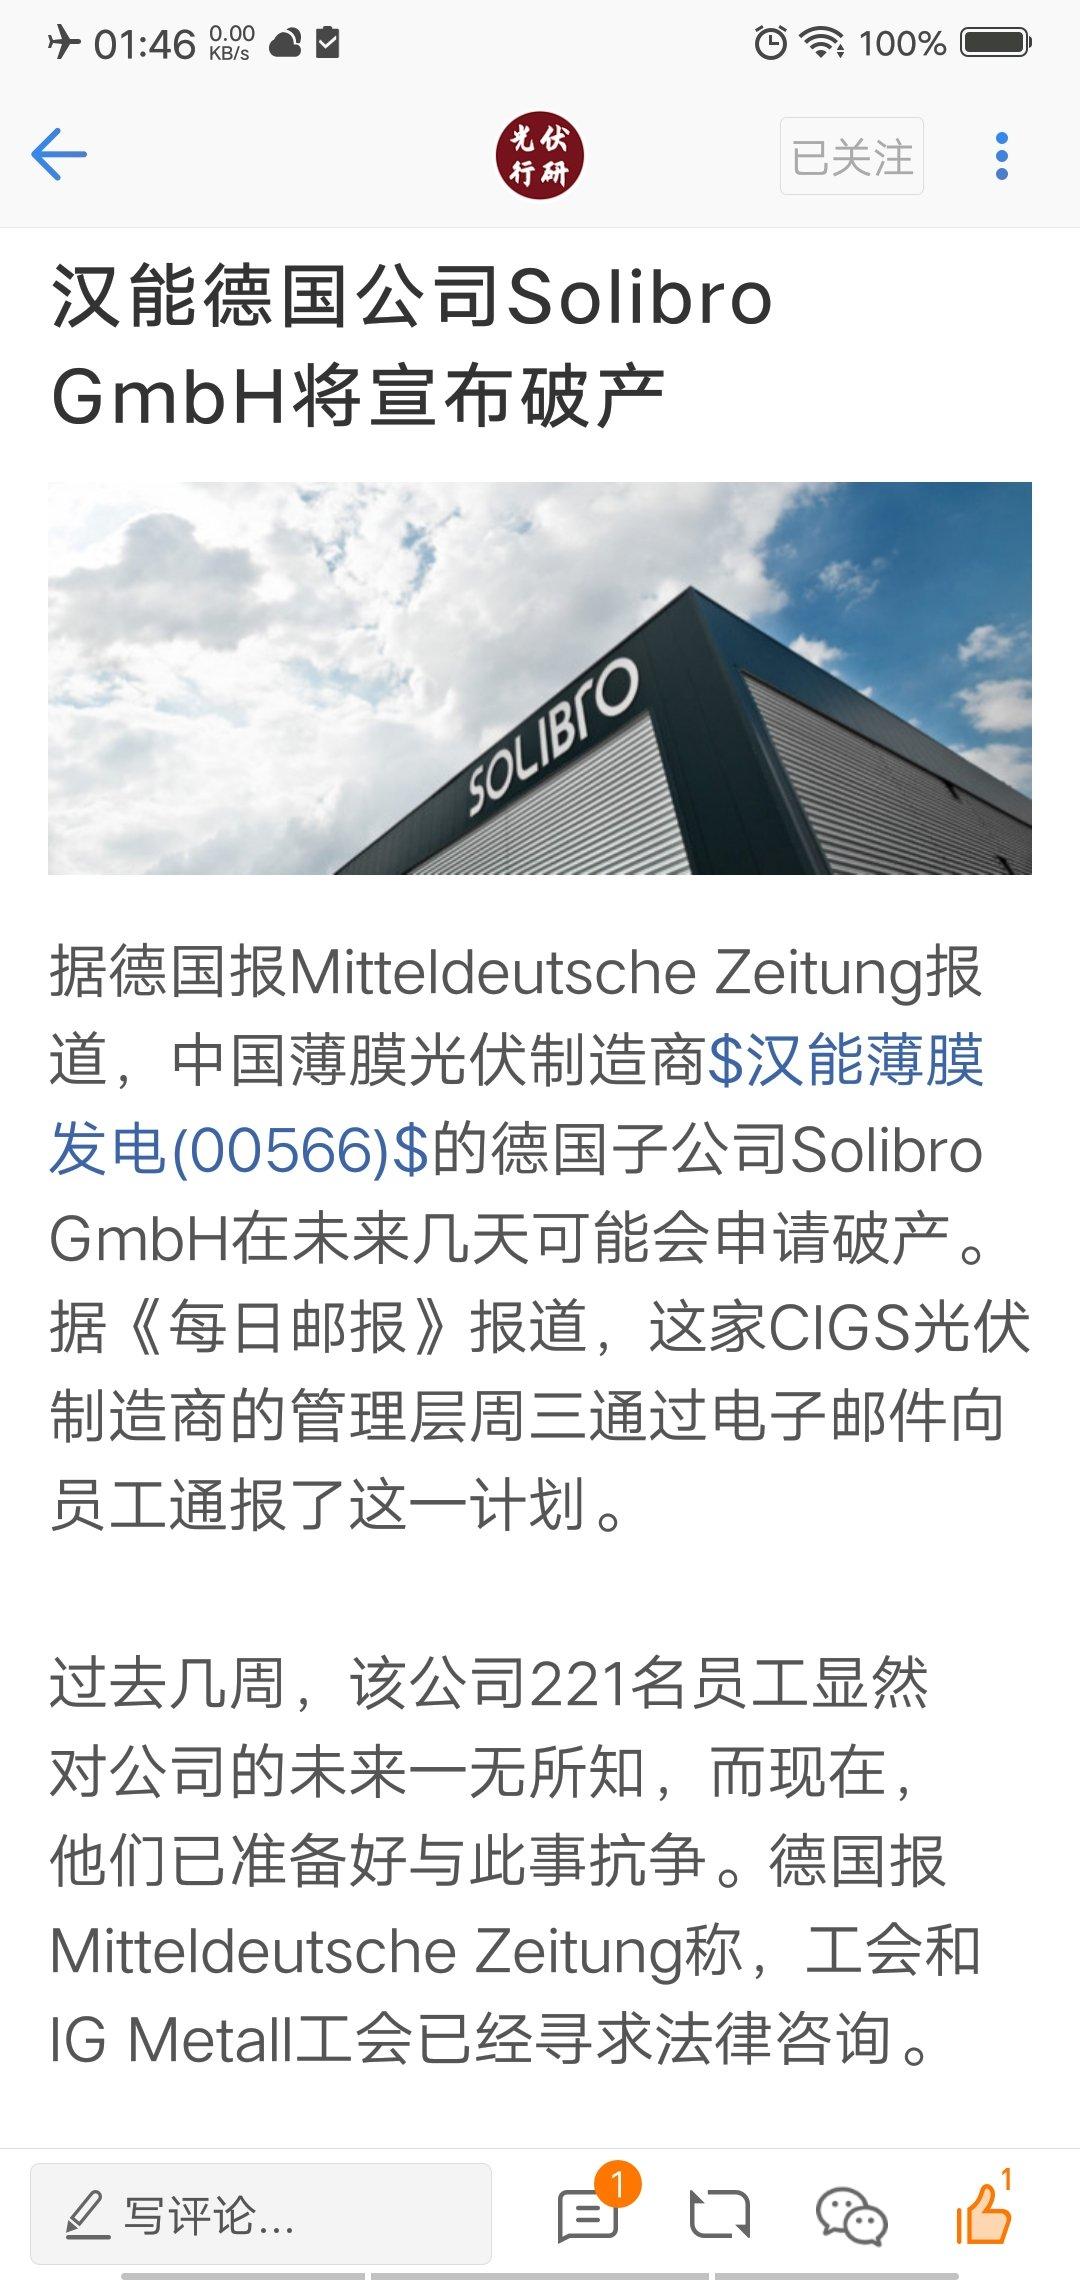 1519   国际太阳能光伏网讯据德国mittel<strong>deutsche</strong> zeitung报道,中国